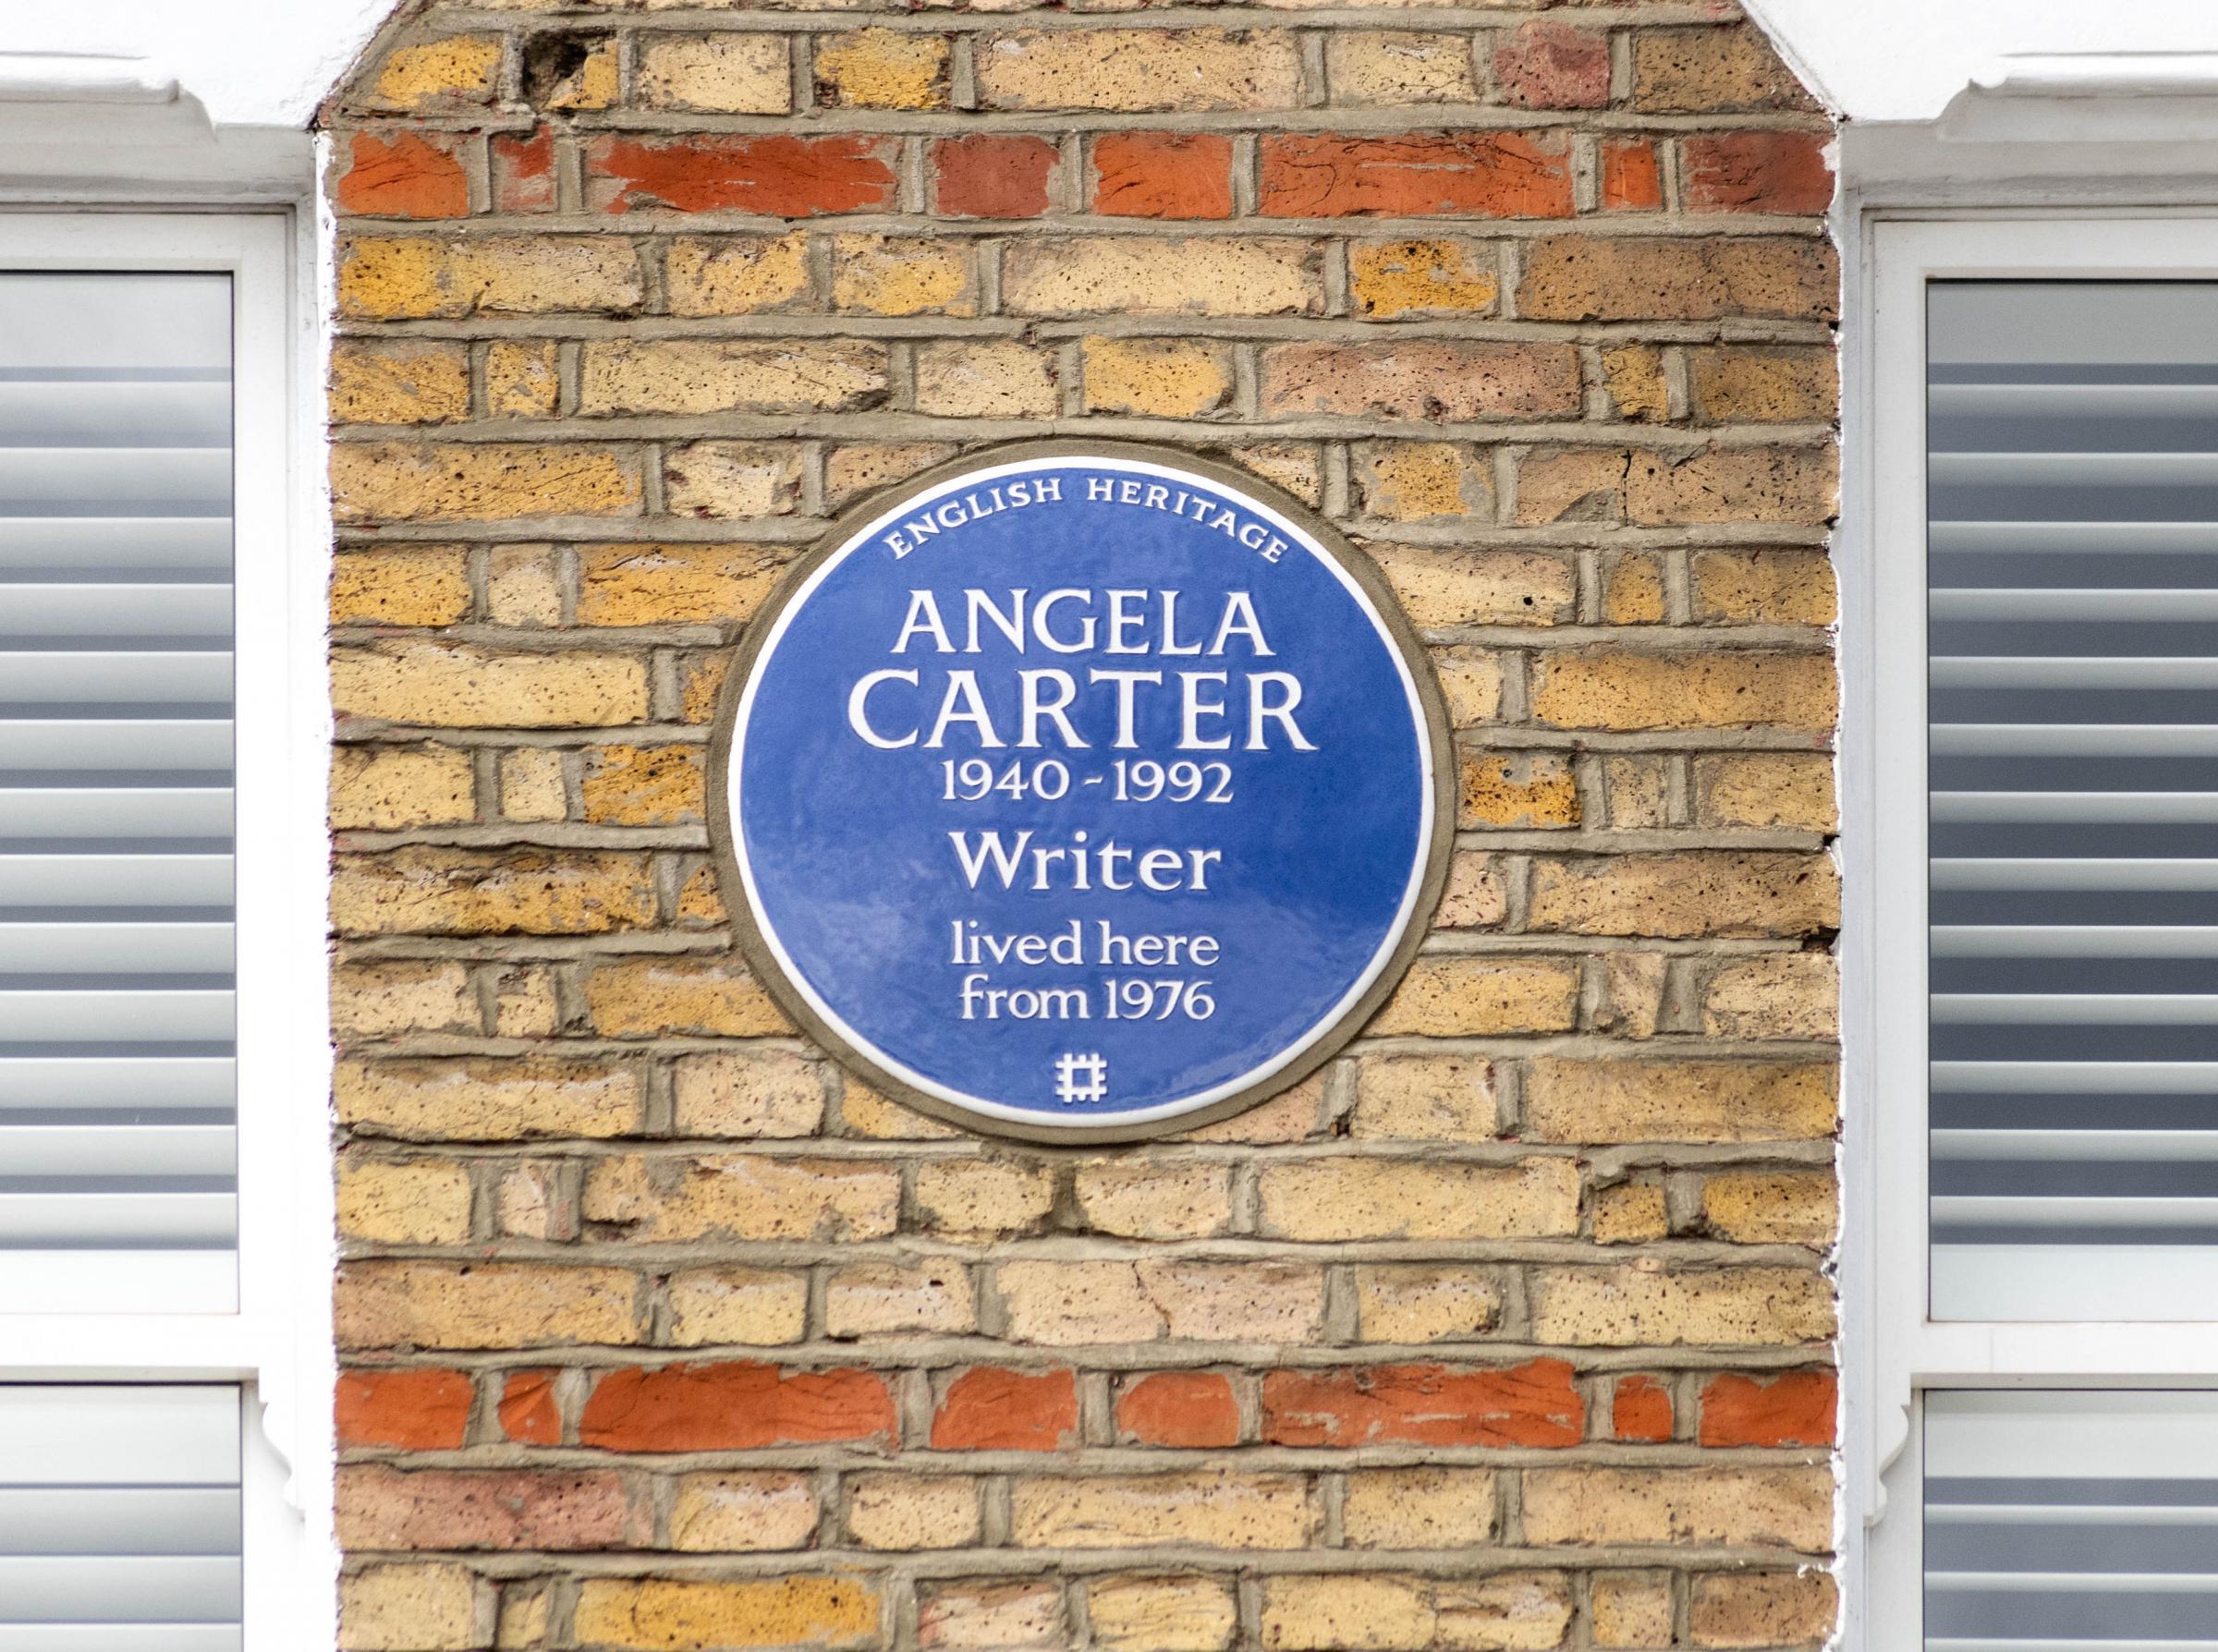 Novelist Angela Carter's Clapham home receives blue plaque